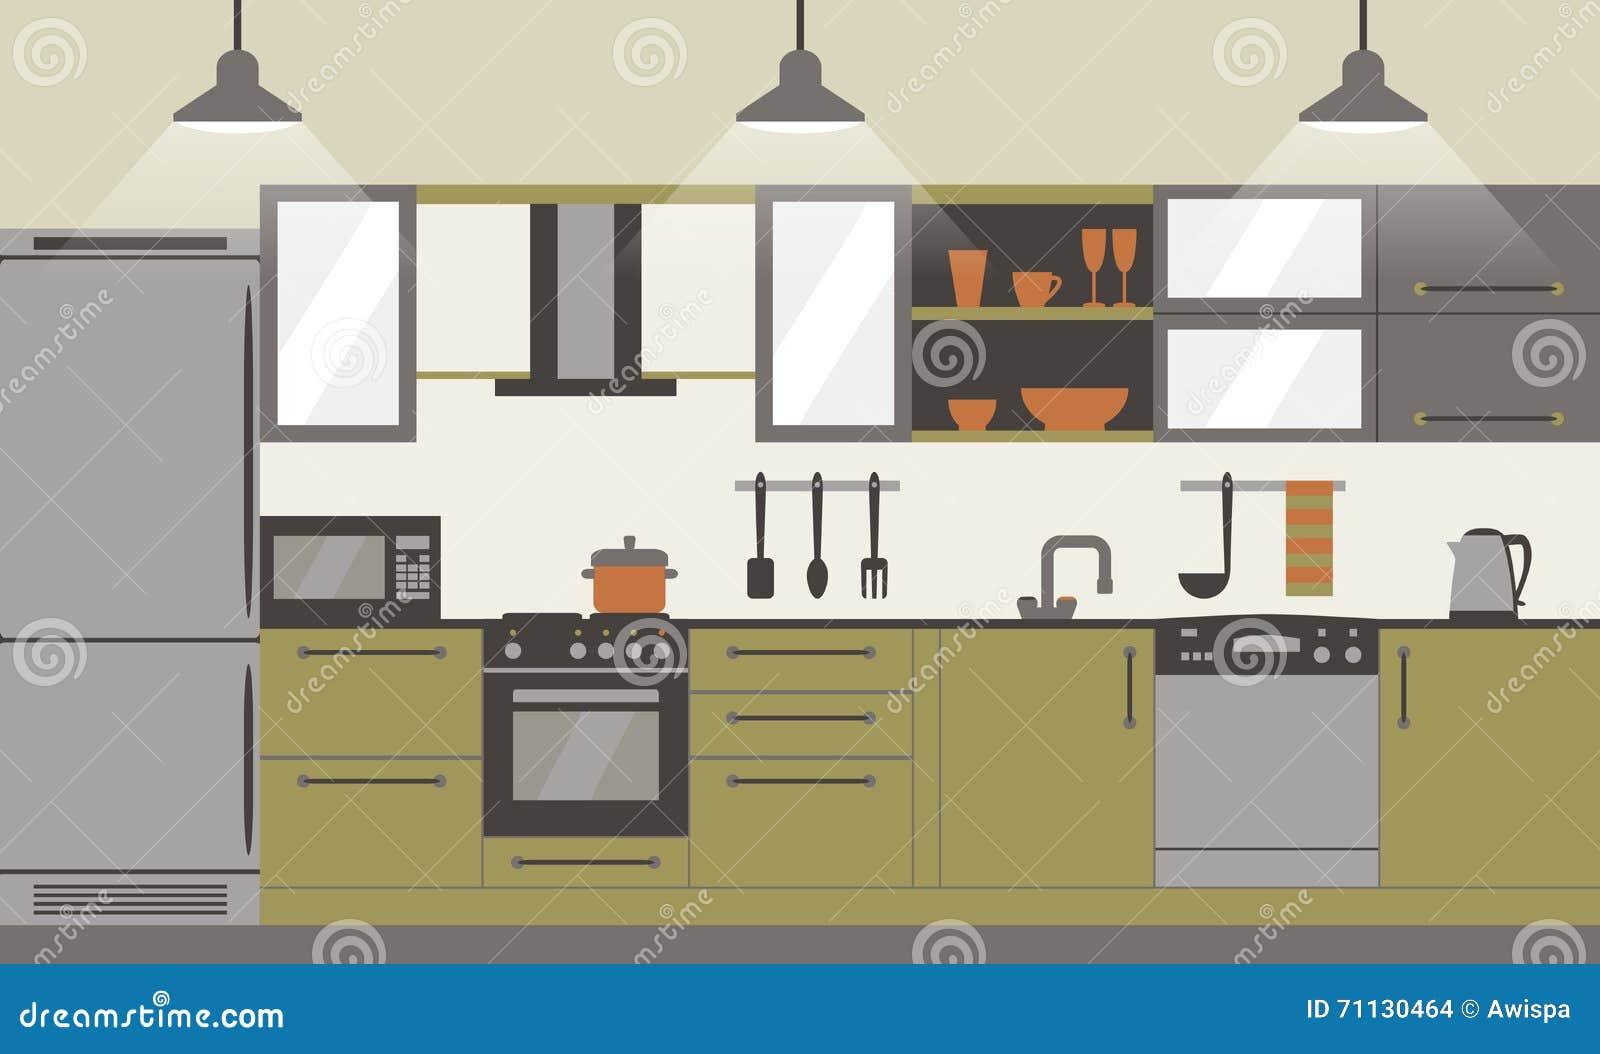 da cozinha com mobília e kithenware home Ilustração lisa do vetor #86A823 1300 874